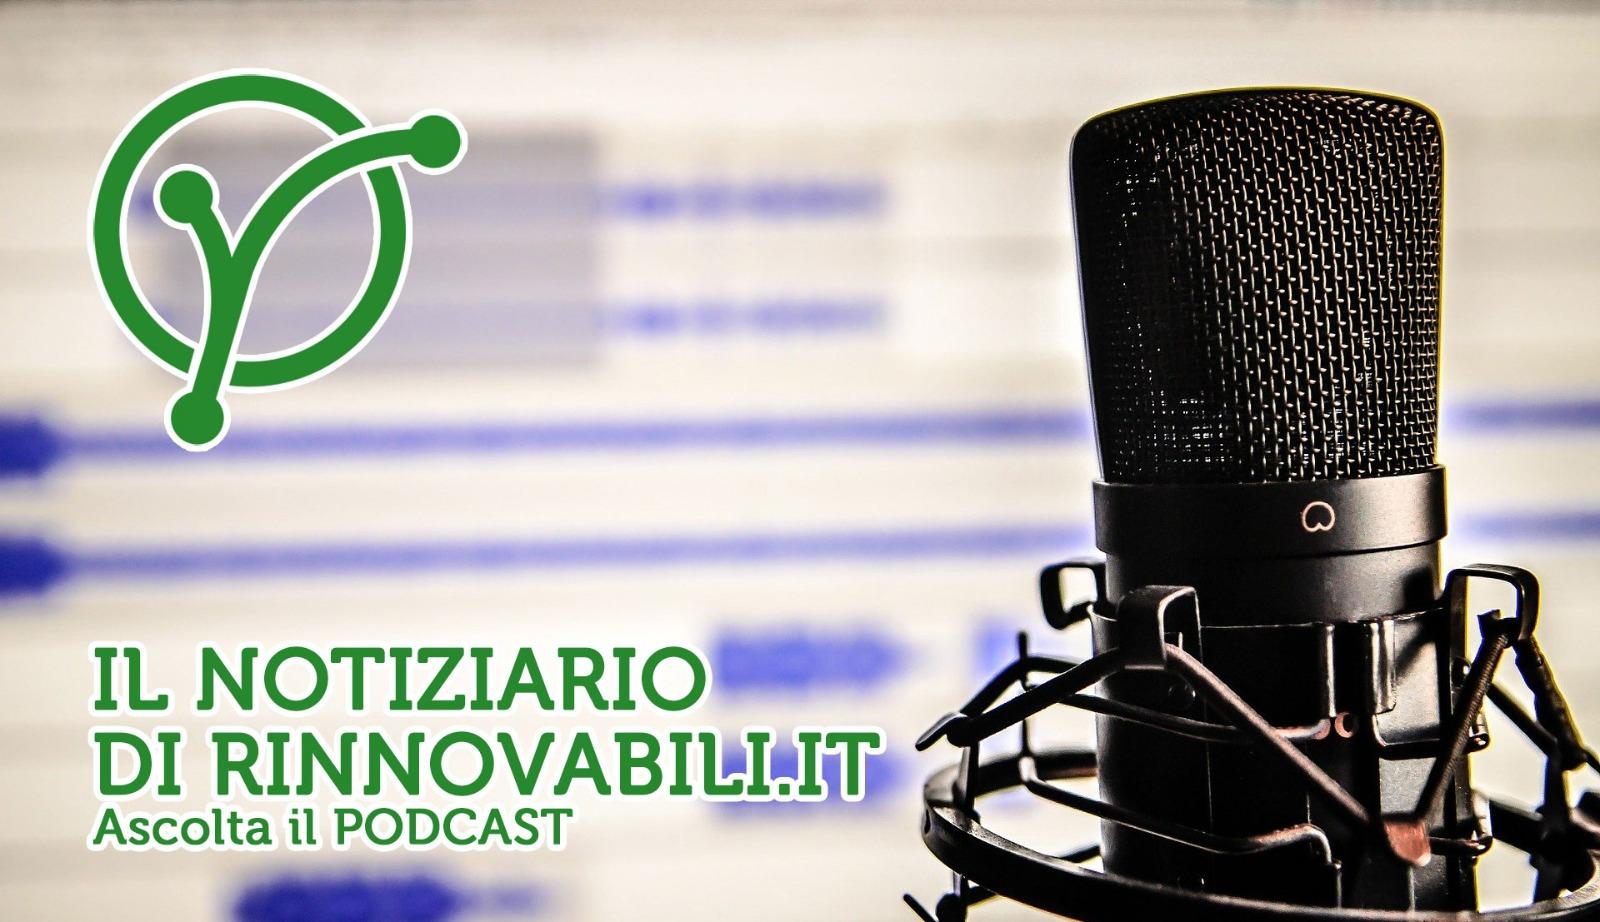 podcast di rinnovabili.it